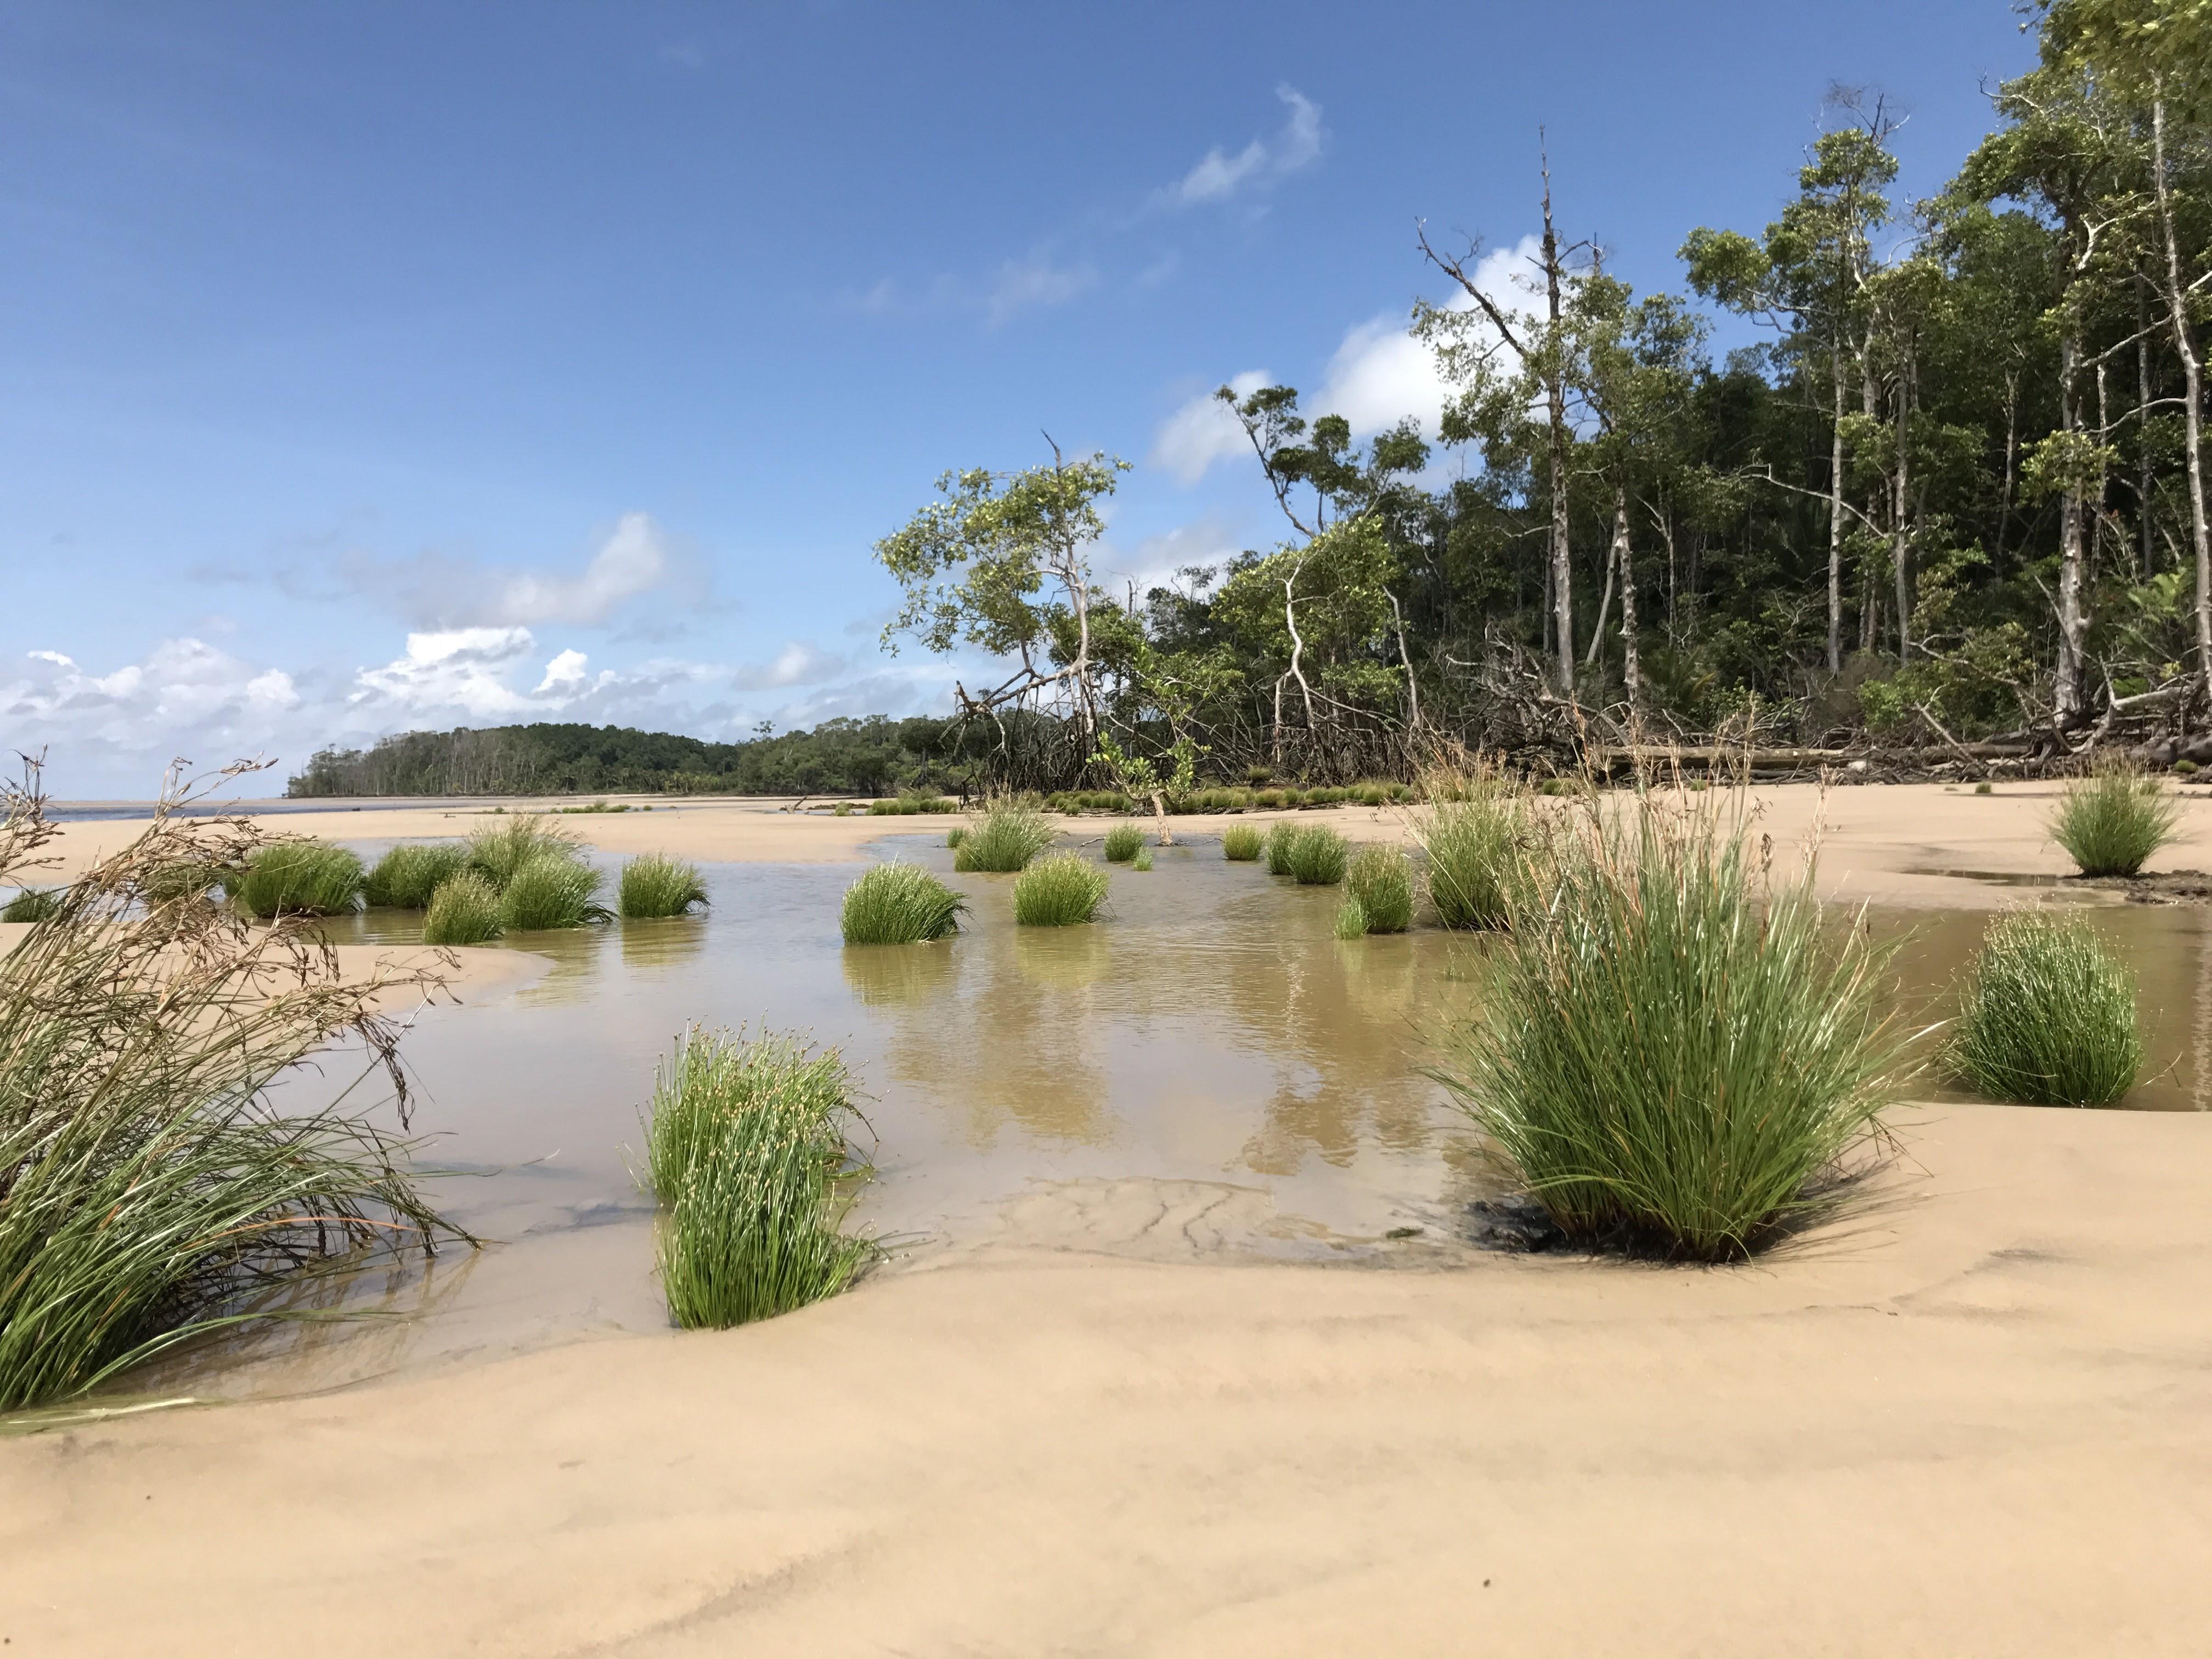 File:Ilha de Marajó vegetação rasteira.jpg - Wikimedia Commons